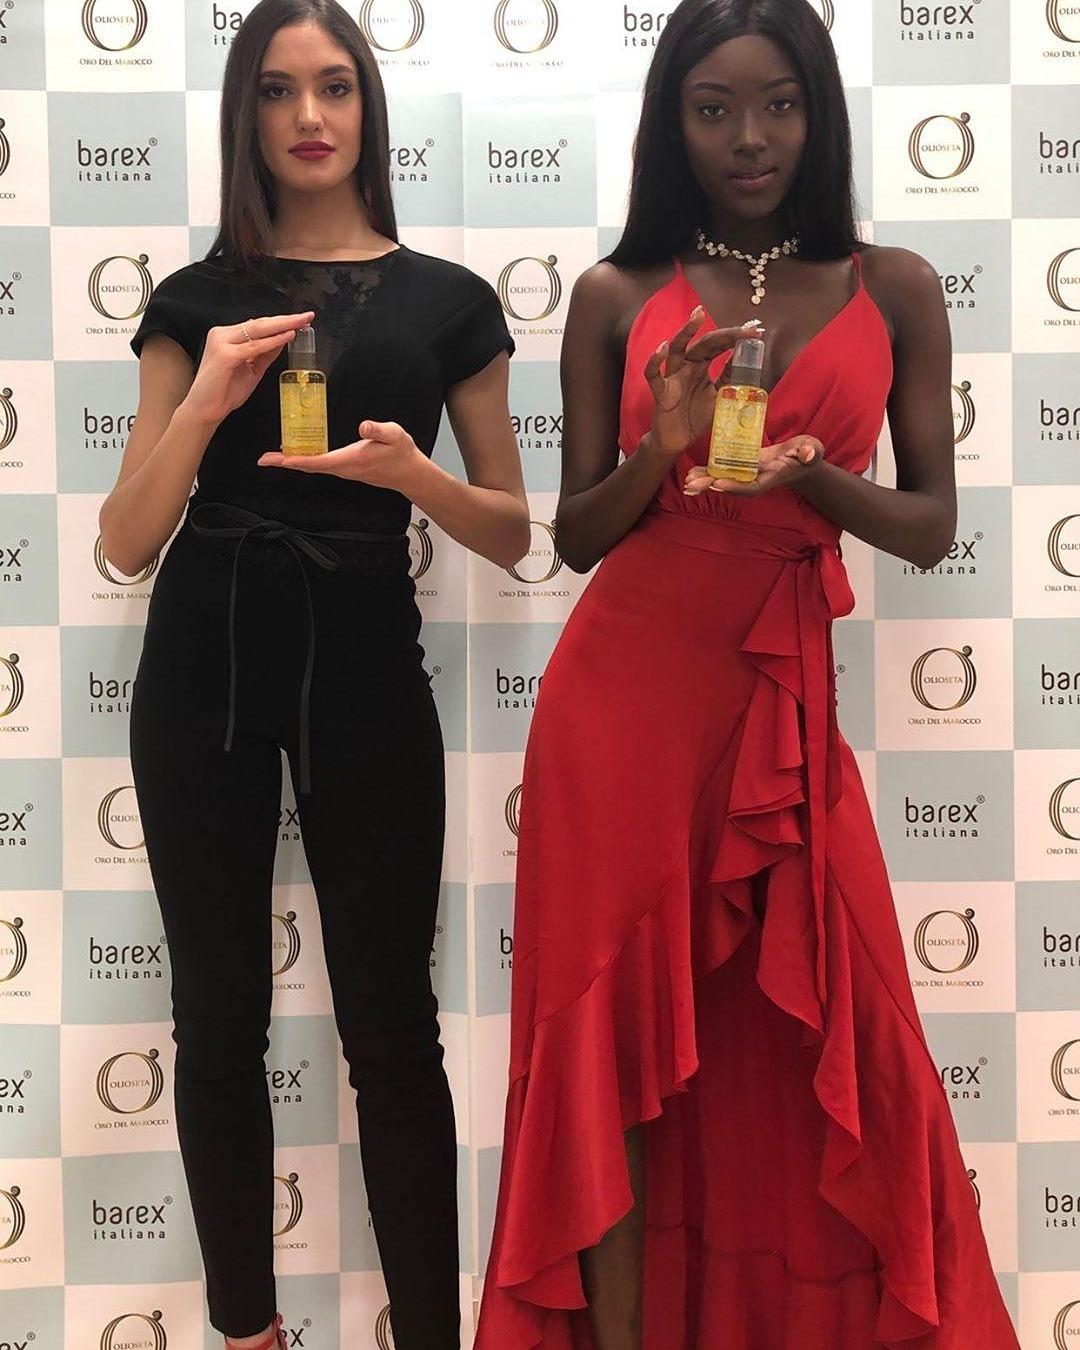 Первые красавицы мира выбирают Oro Del Marocco Barex Italiana